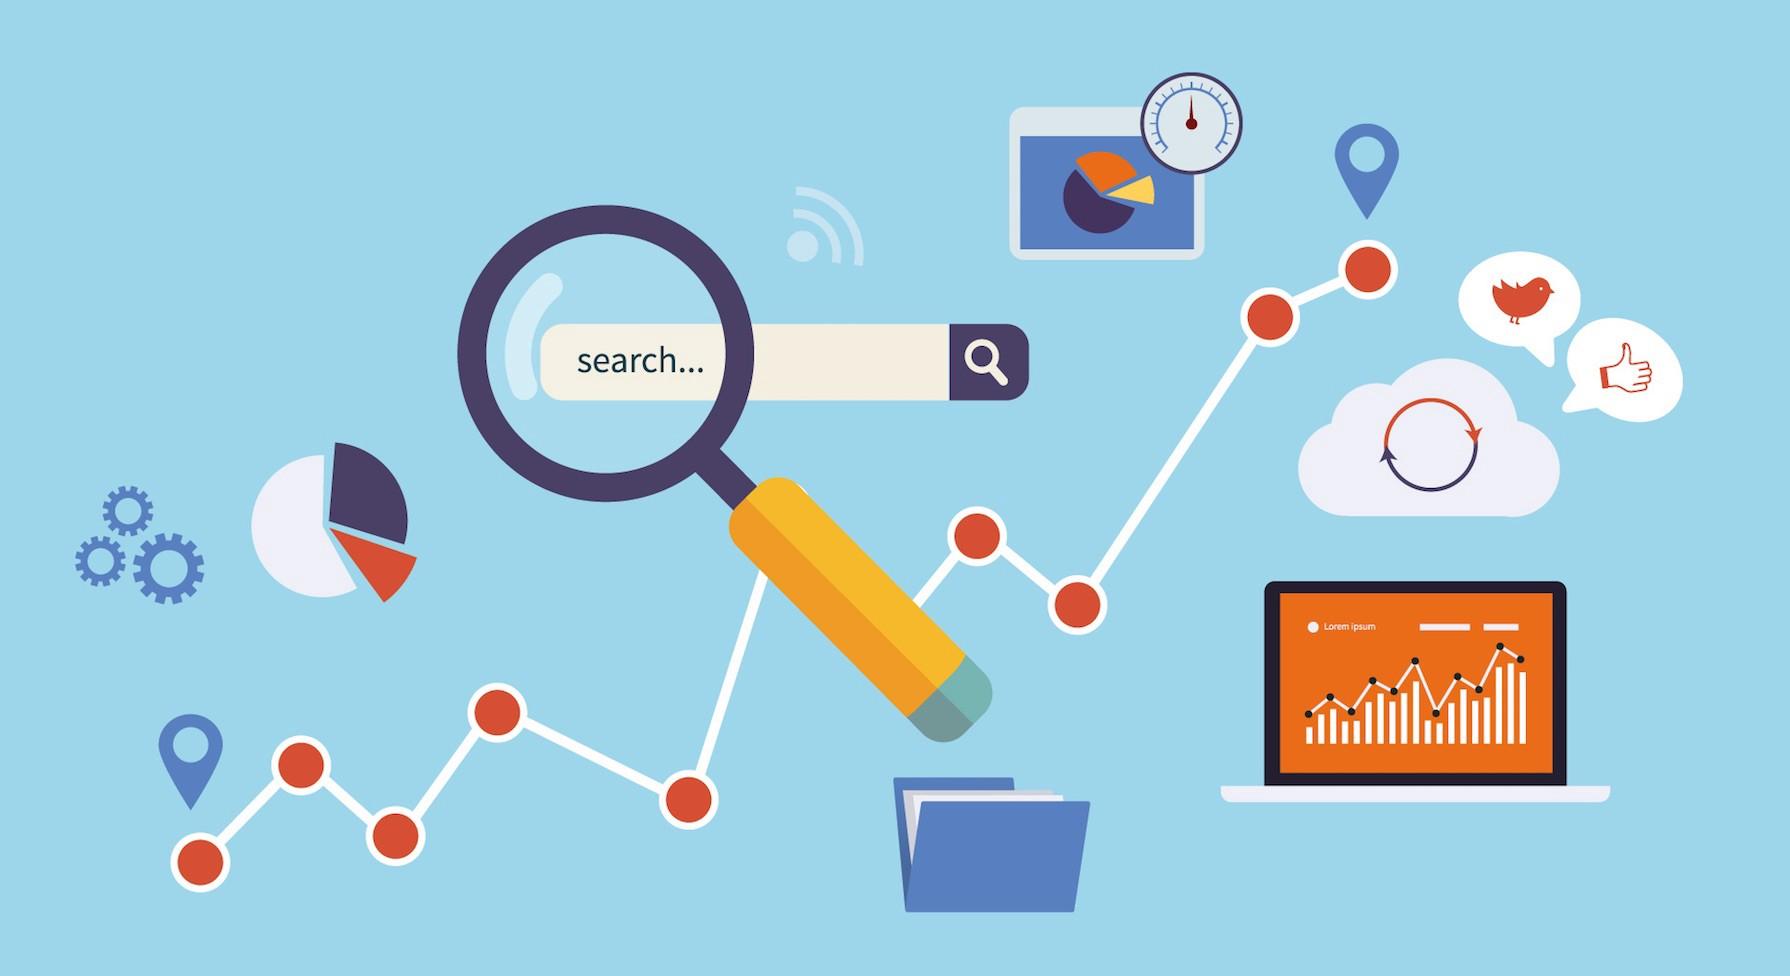 Pengaruh Meta Description Dalam Meningkatkan Traffic Pada Laman Situs